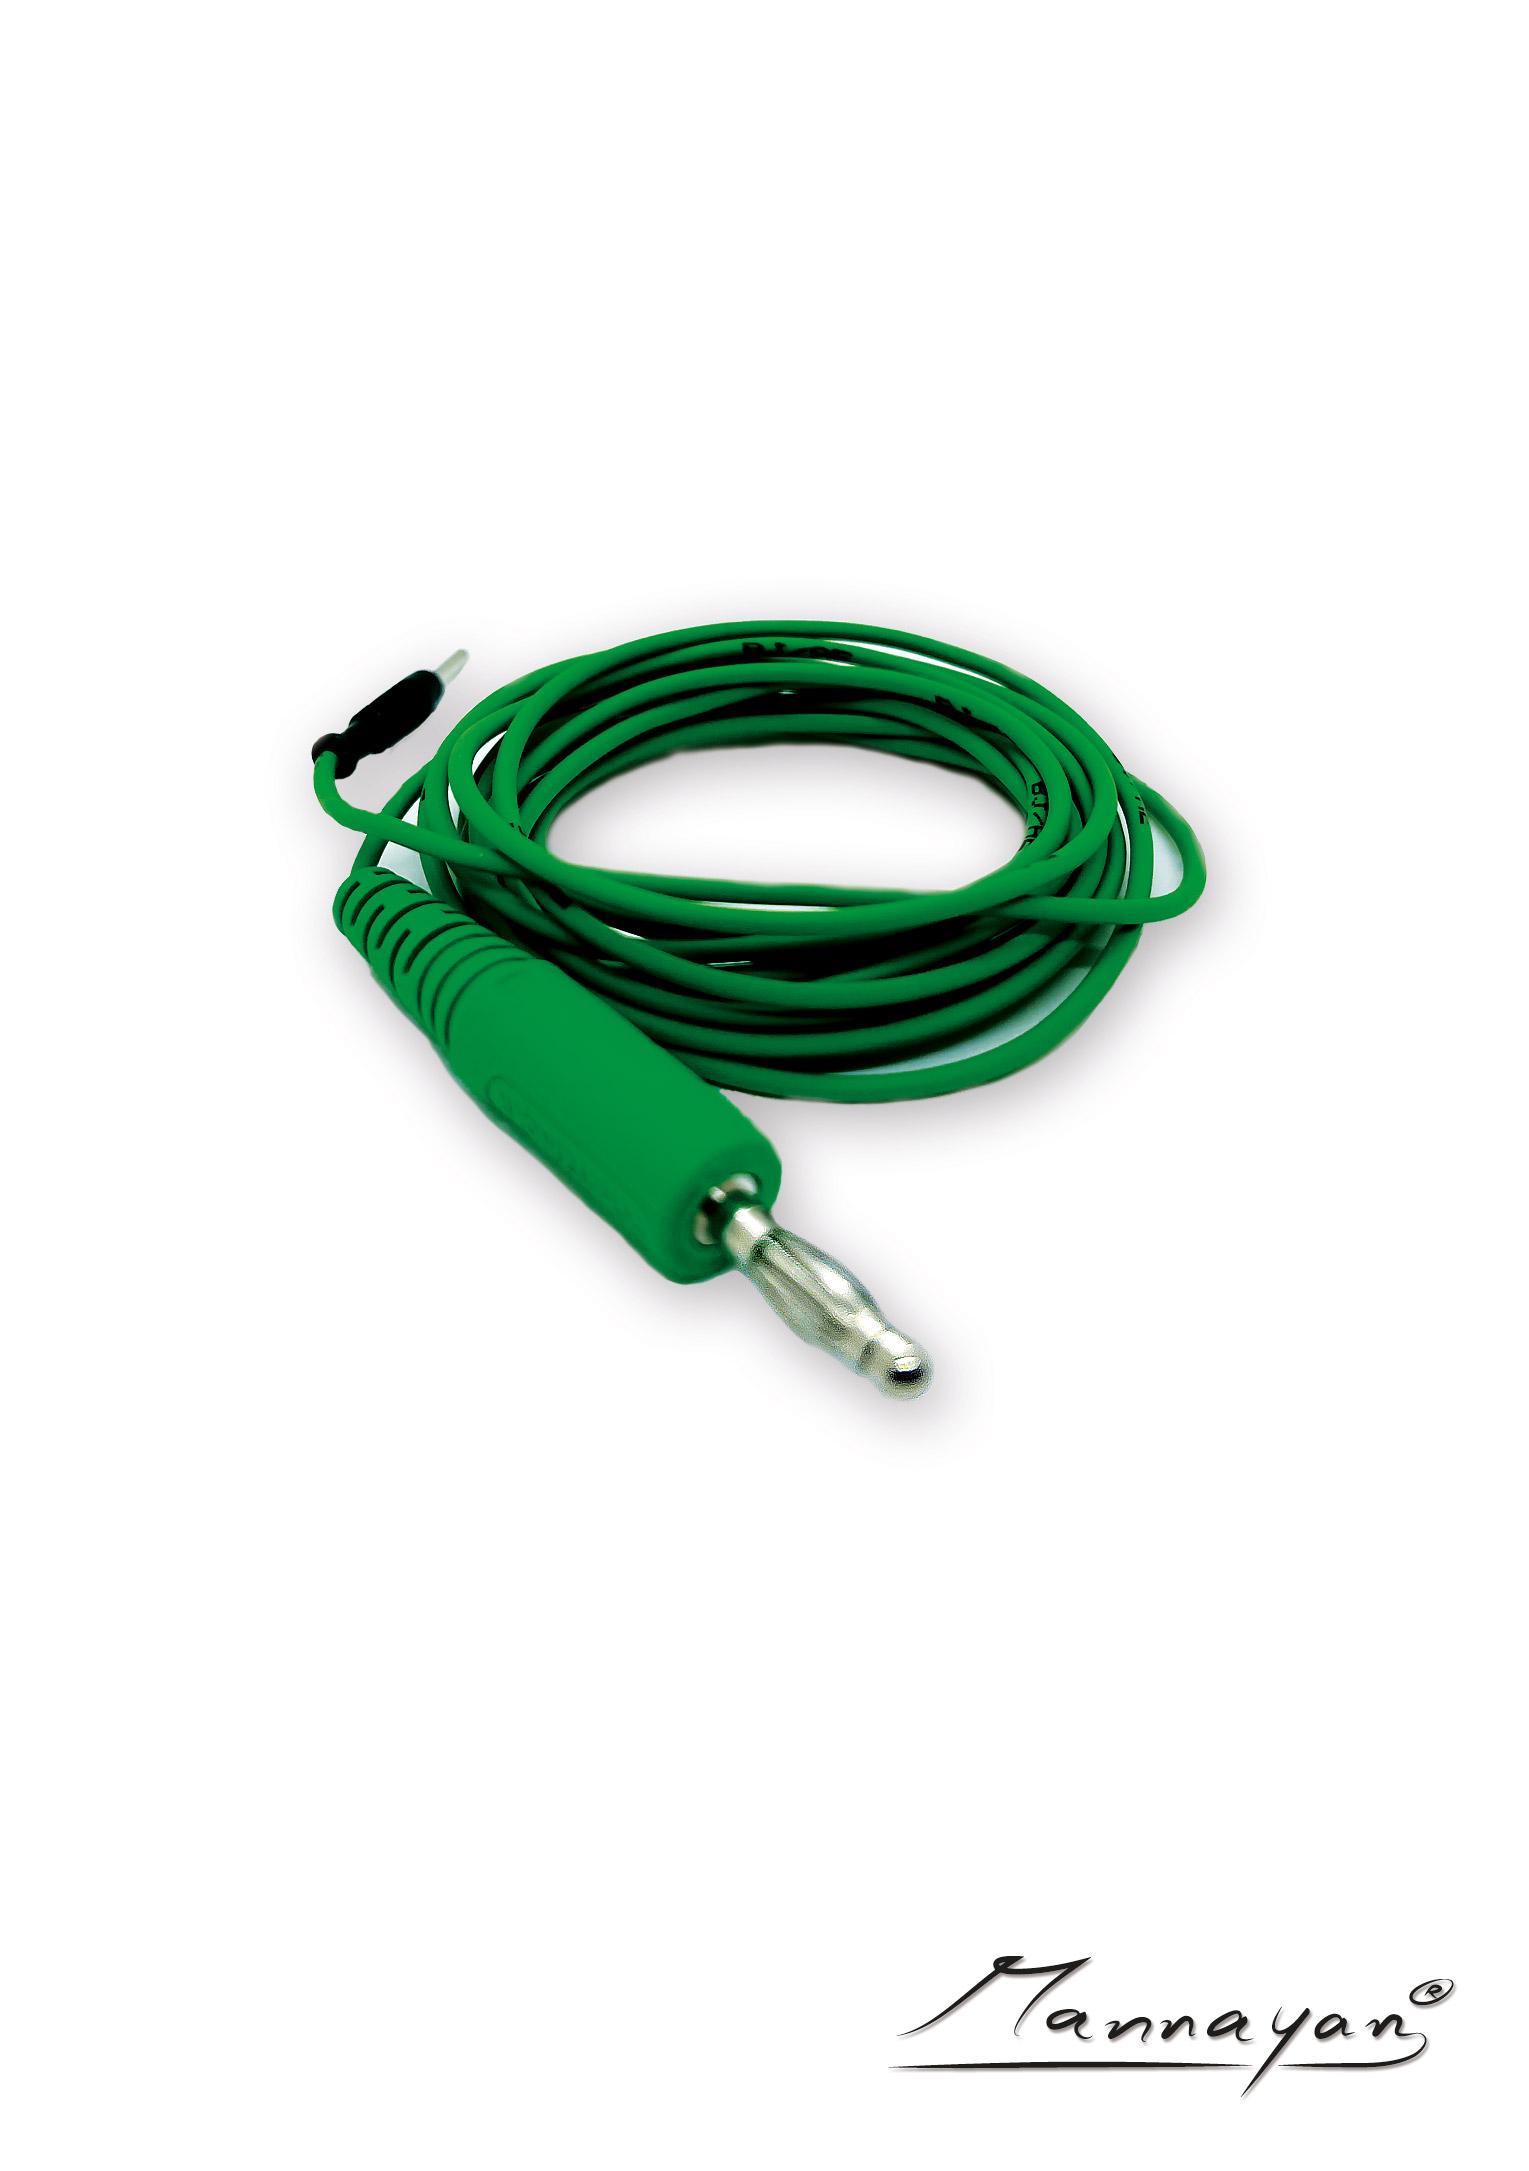 Kabel (2,5 m) mit Druckknopfadapter für Stoff-/ Flächenelektrode (grün)